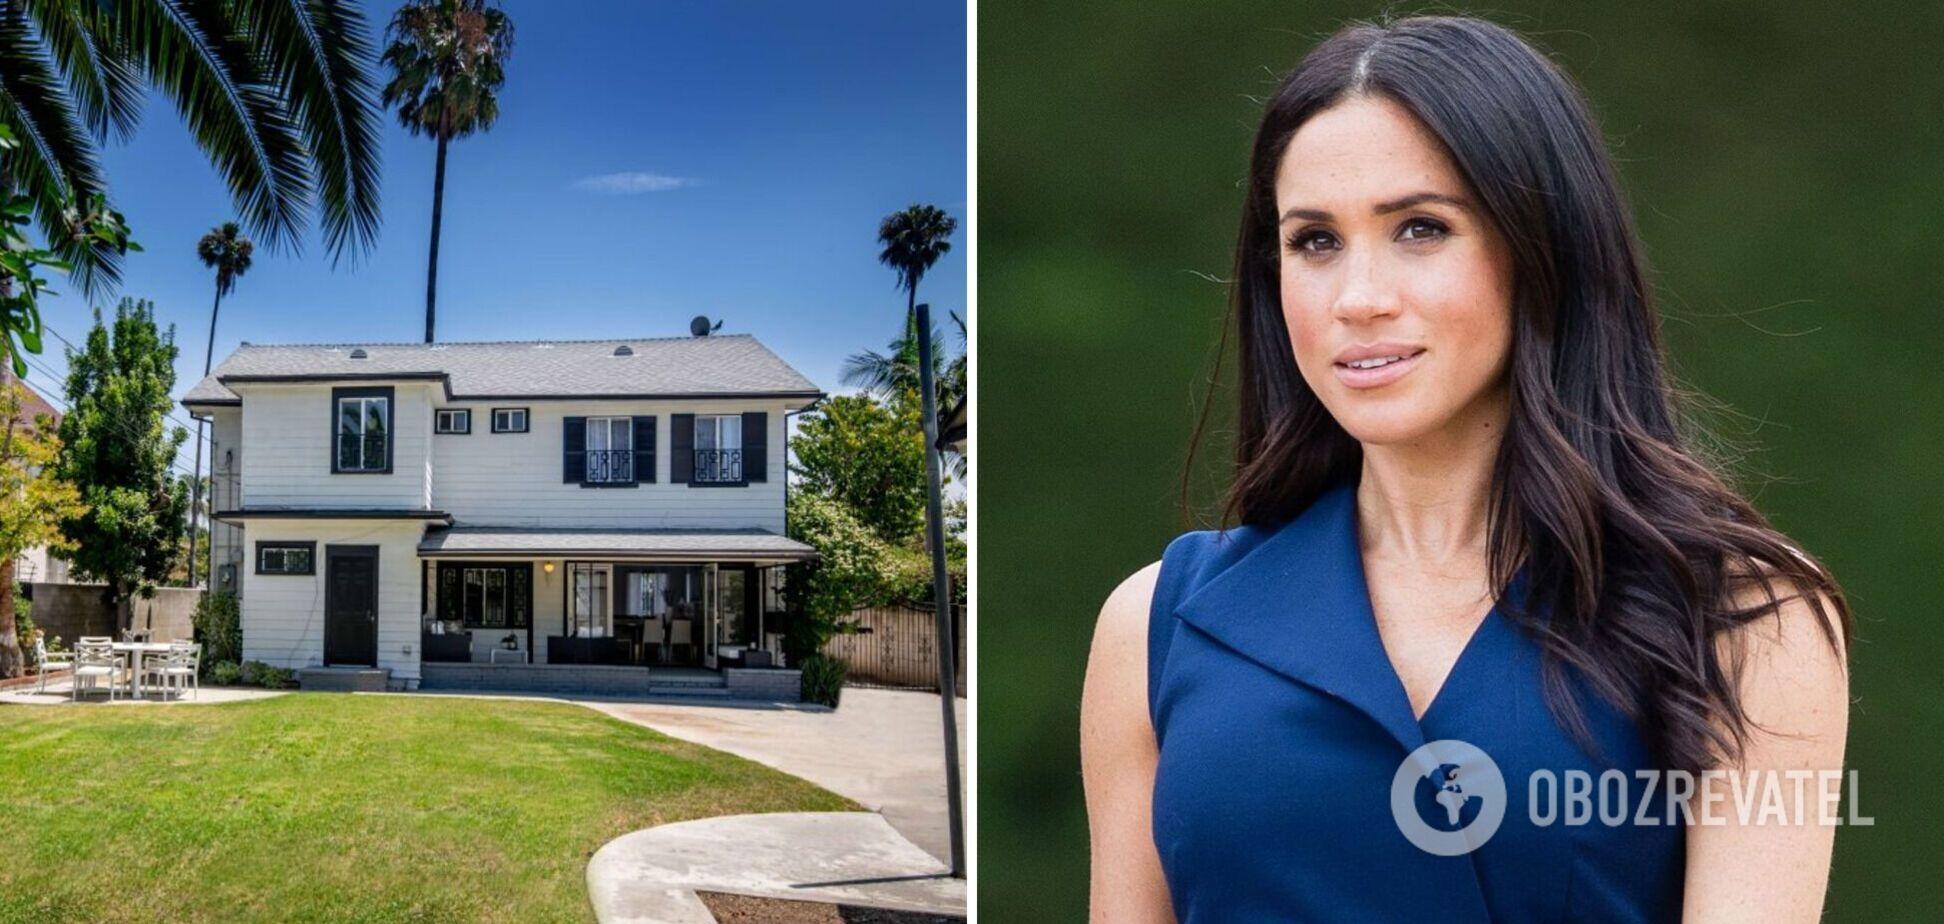 Будинок Меган Маркл у США виставили на продаж: у мережі показали фото